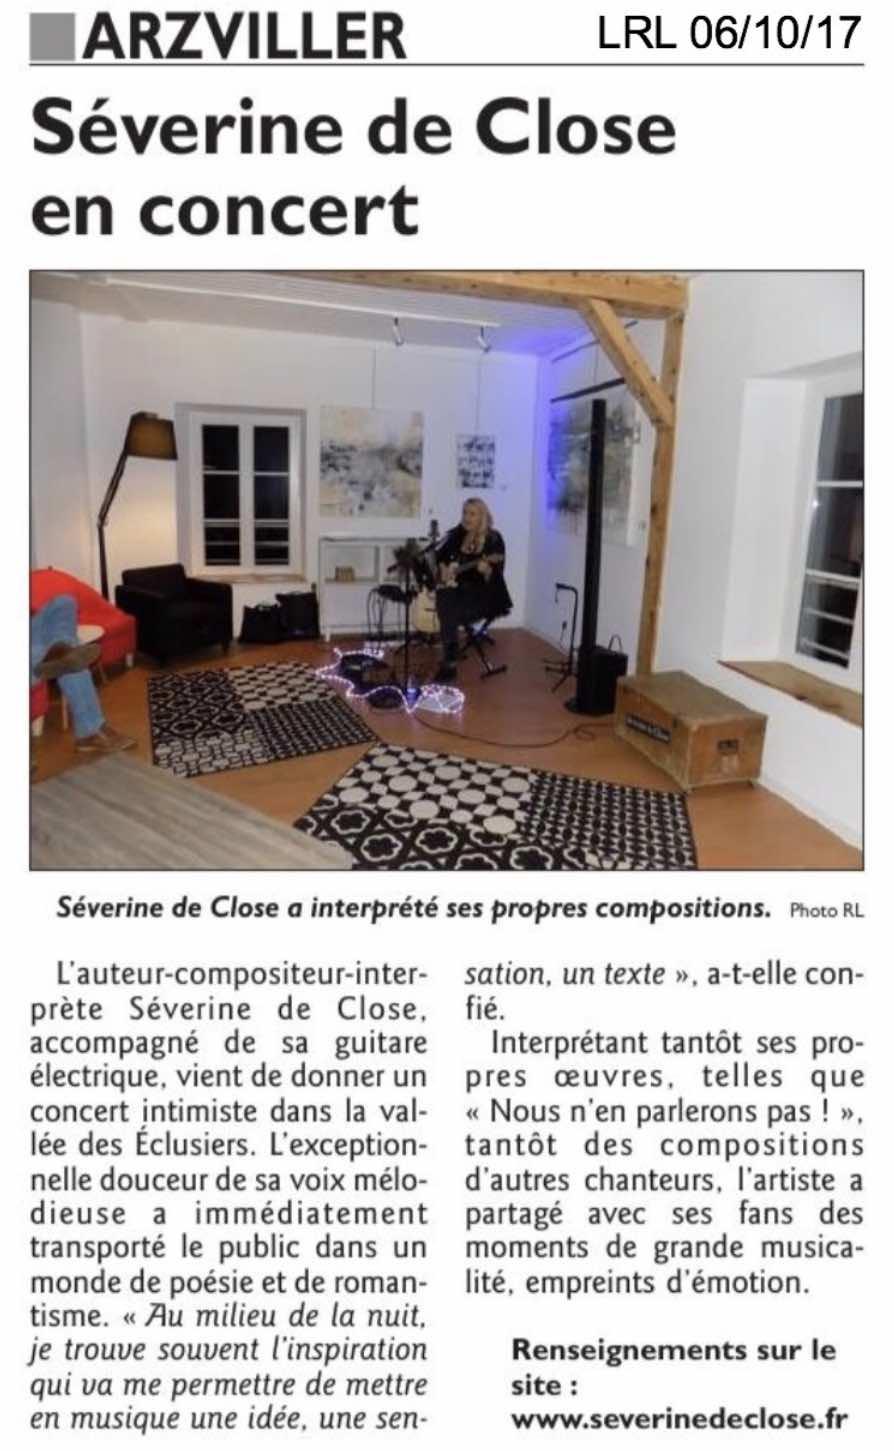 Le Républicain Lorrain 06/10/17